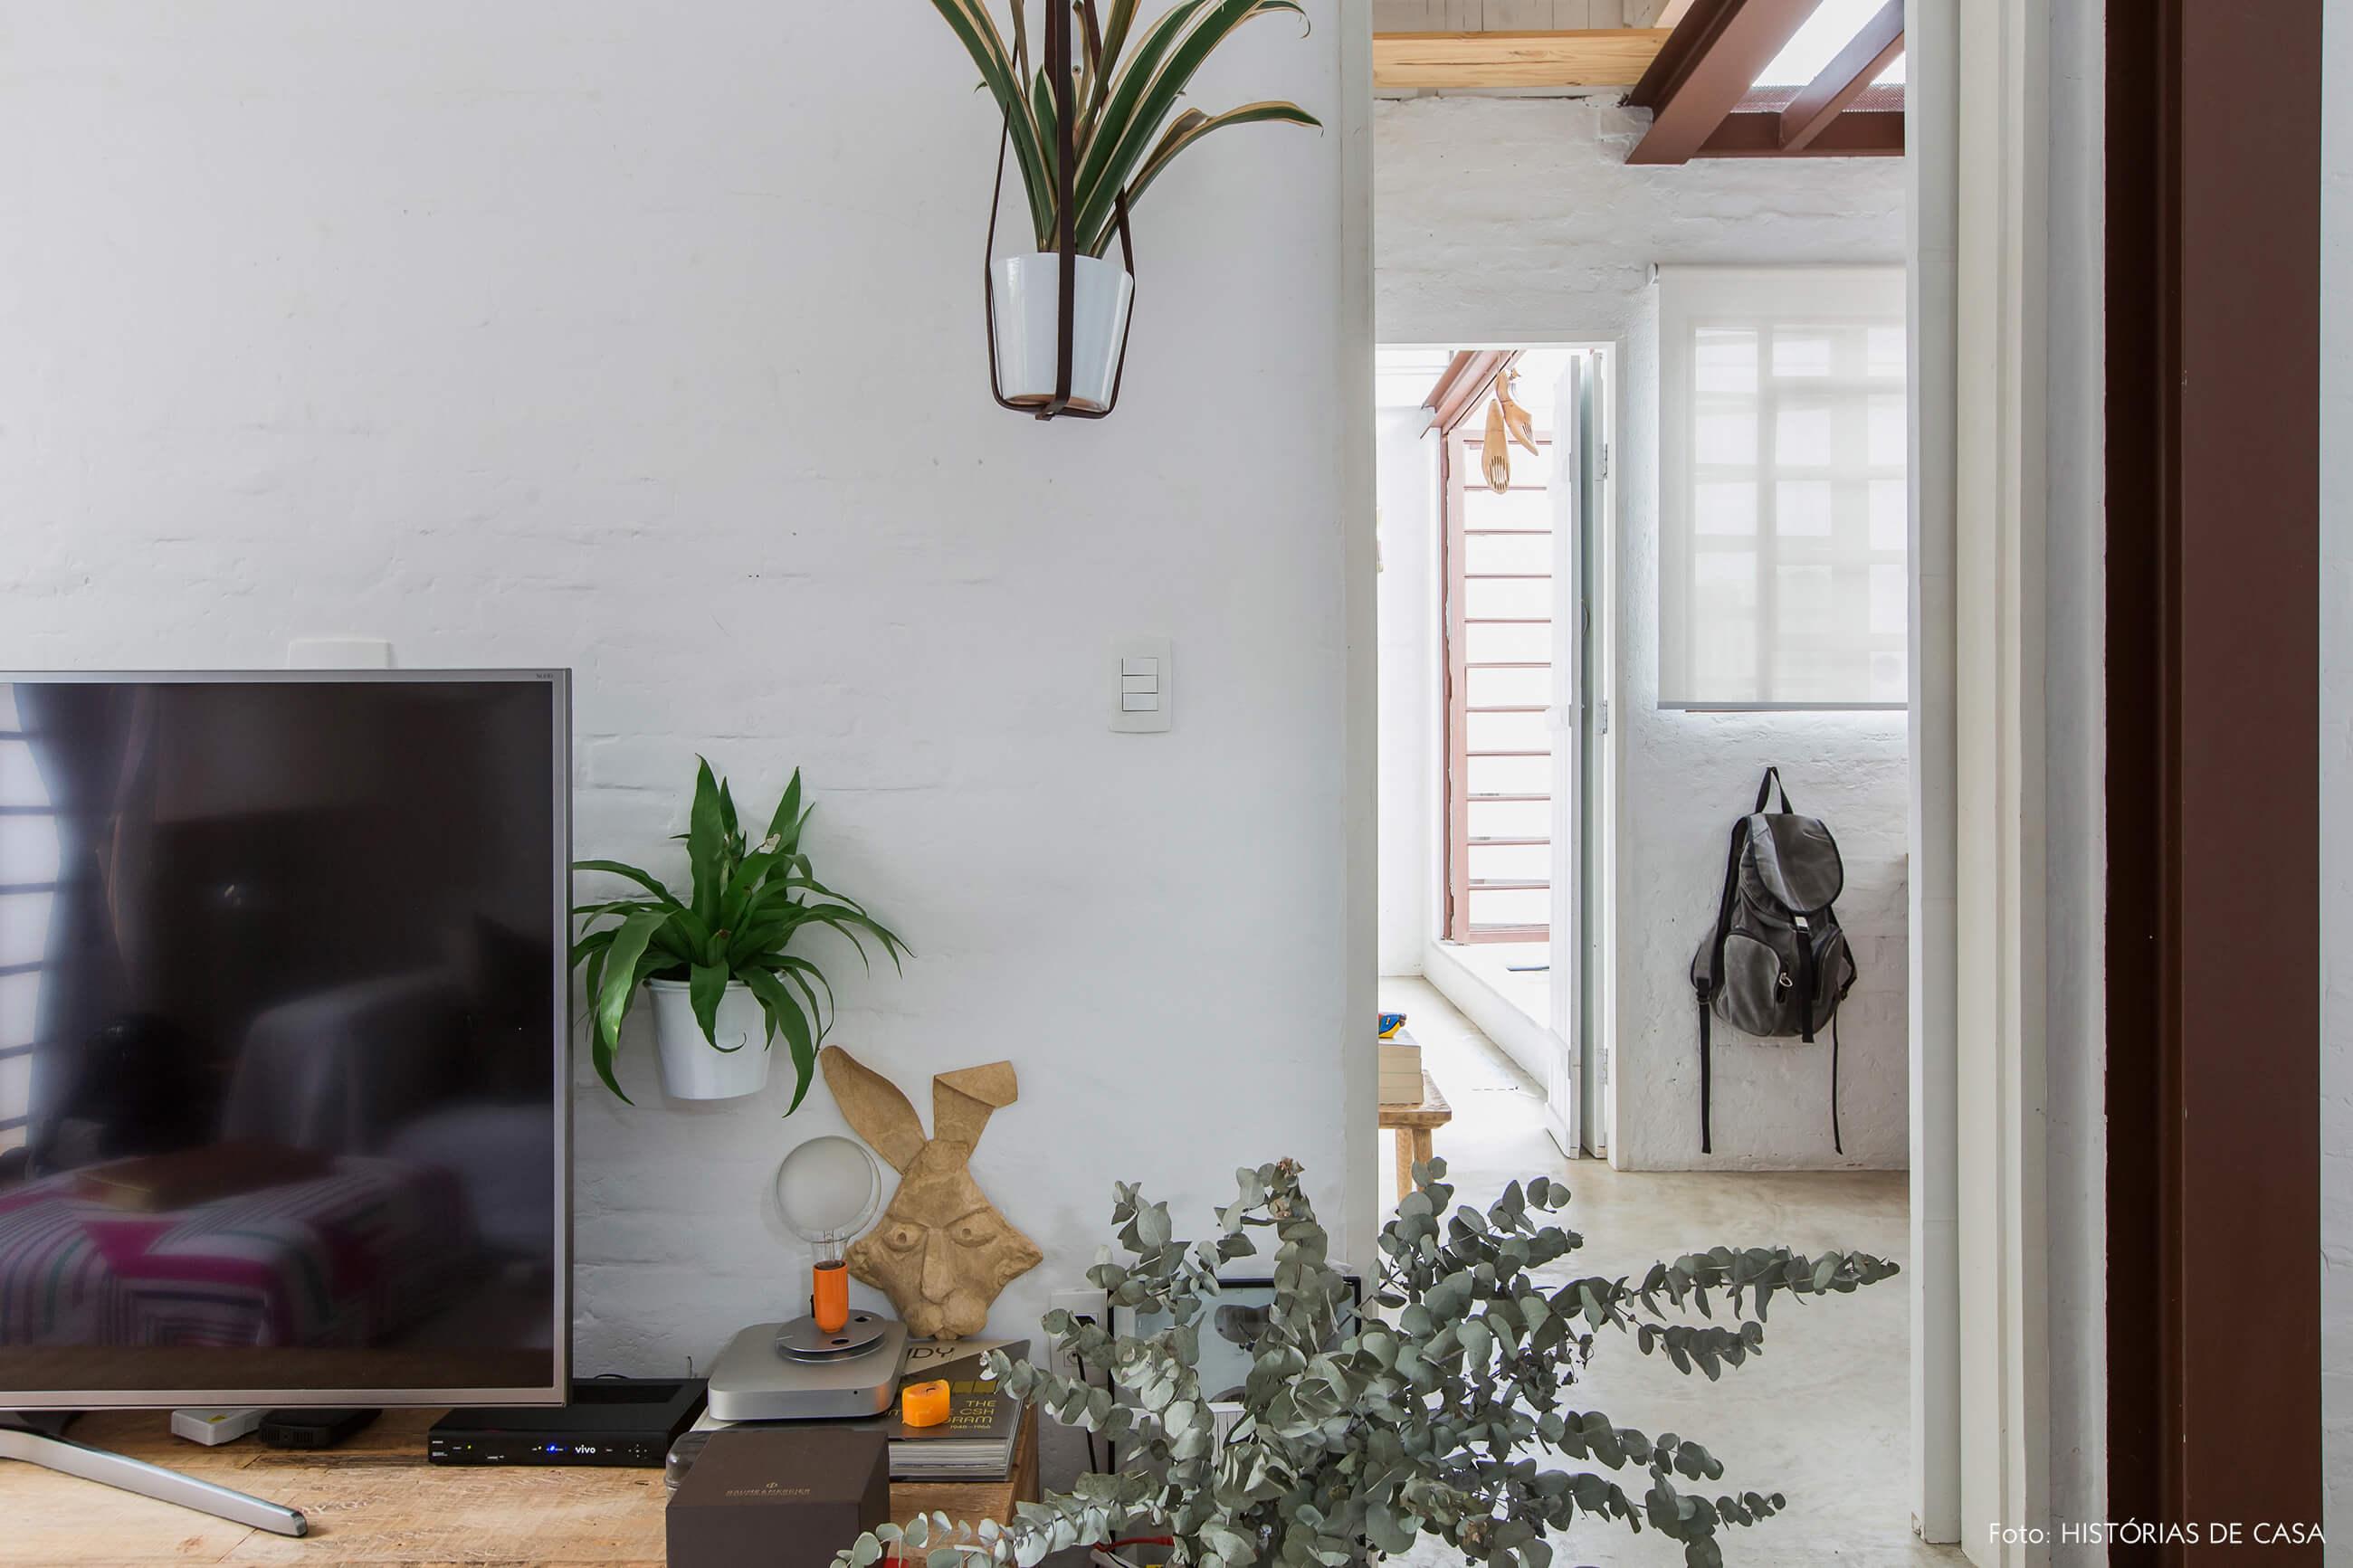 Sala com paredes rústicas e plantas